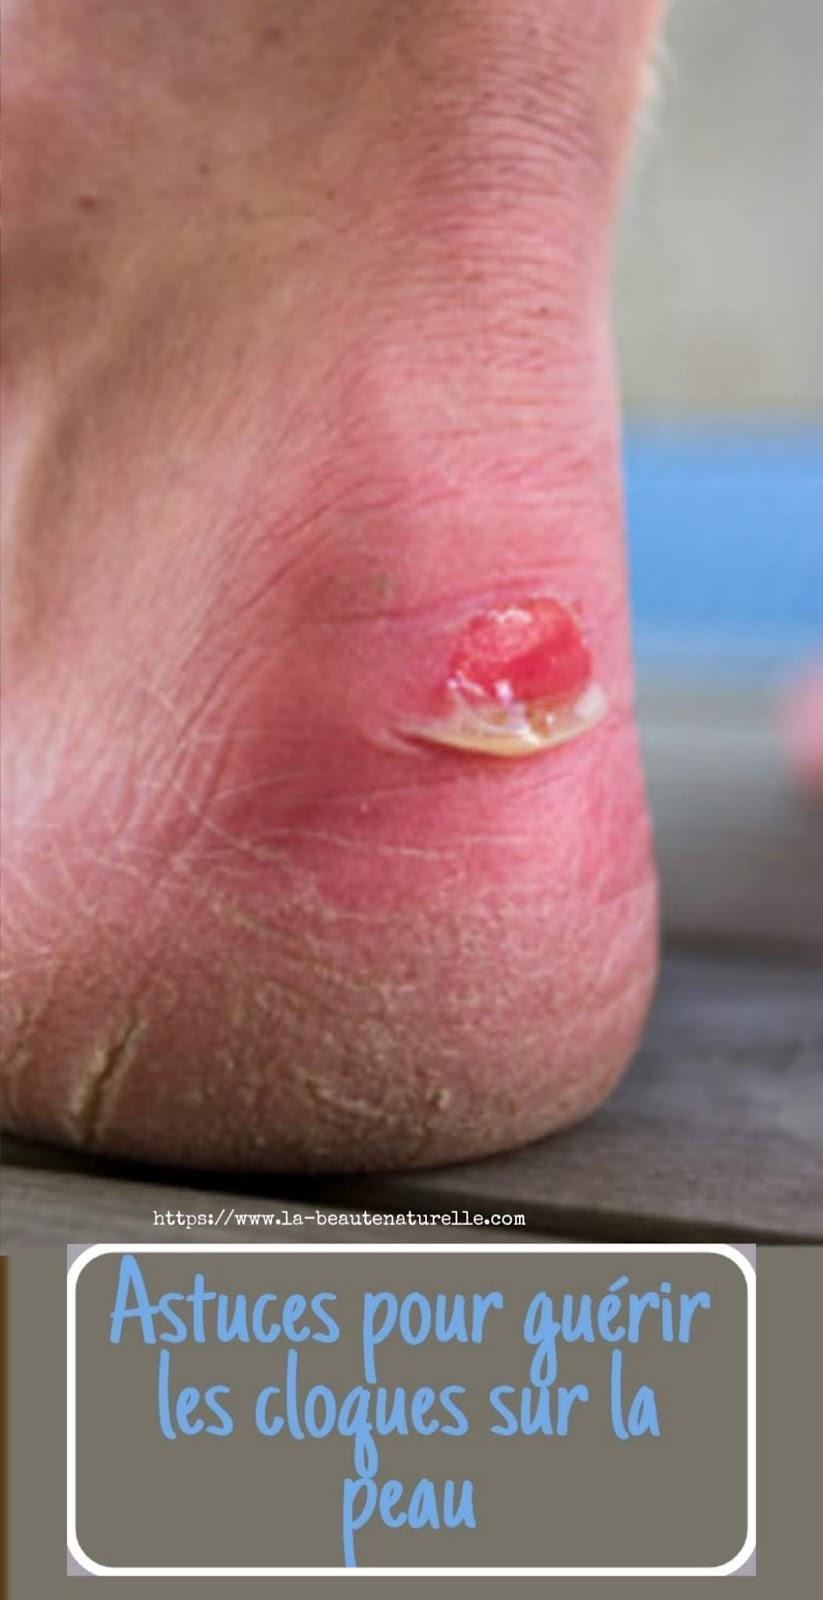 Astuces pour guérir les cloques sur la peau